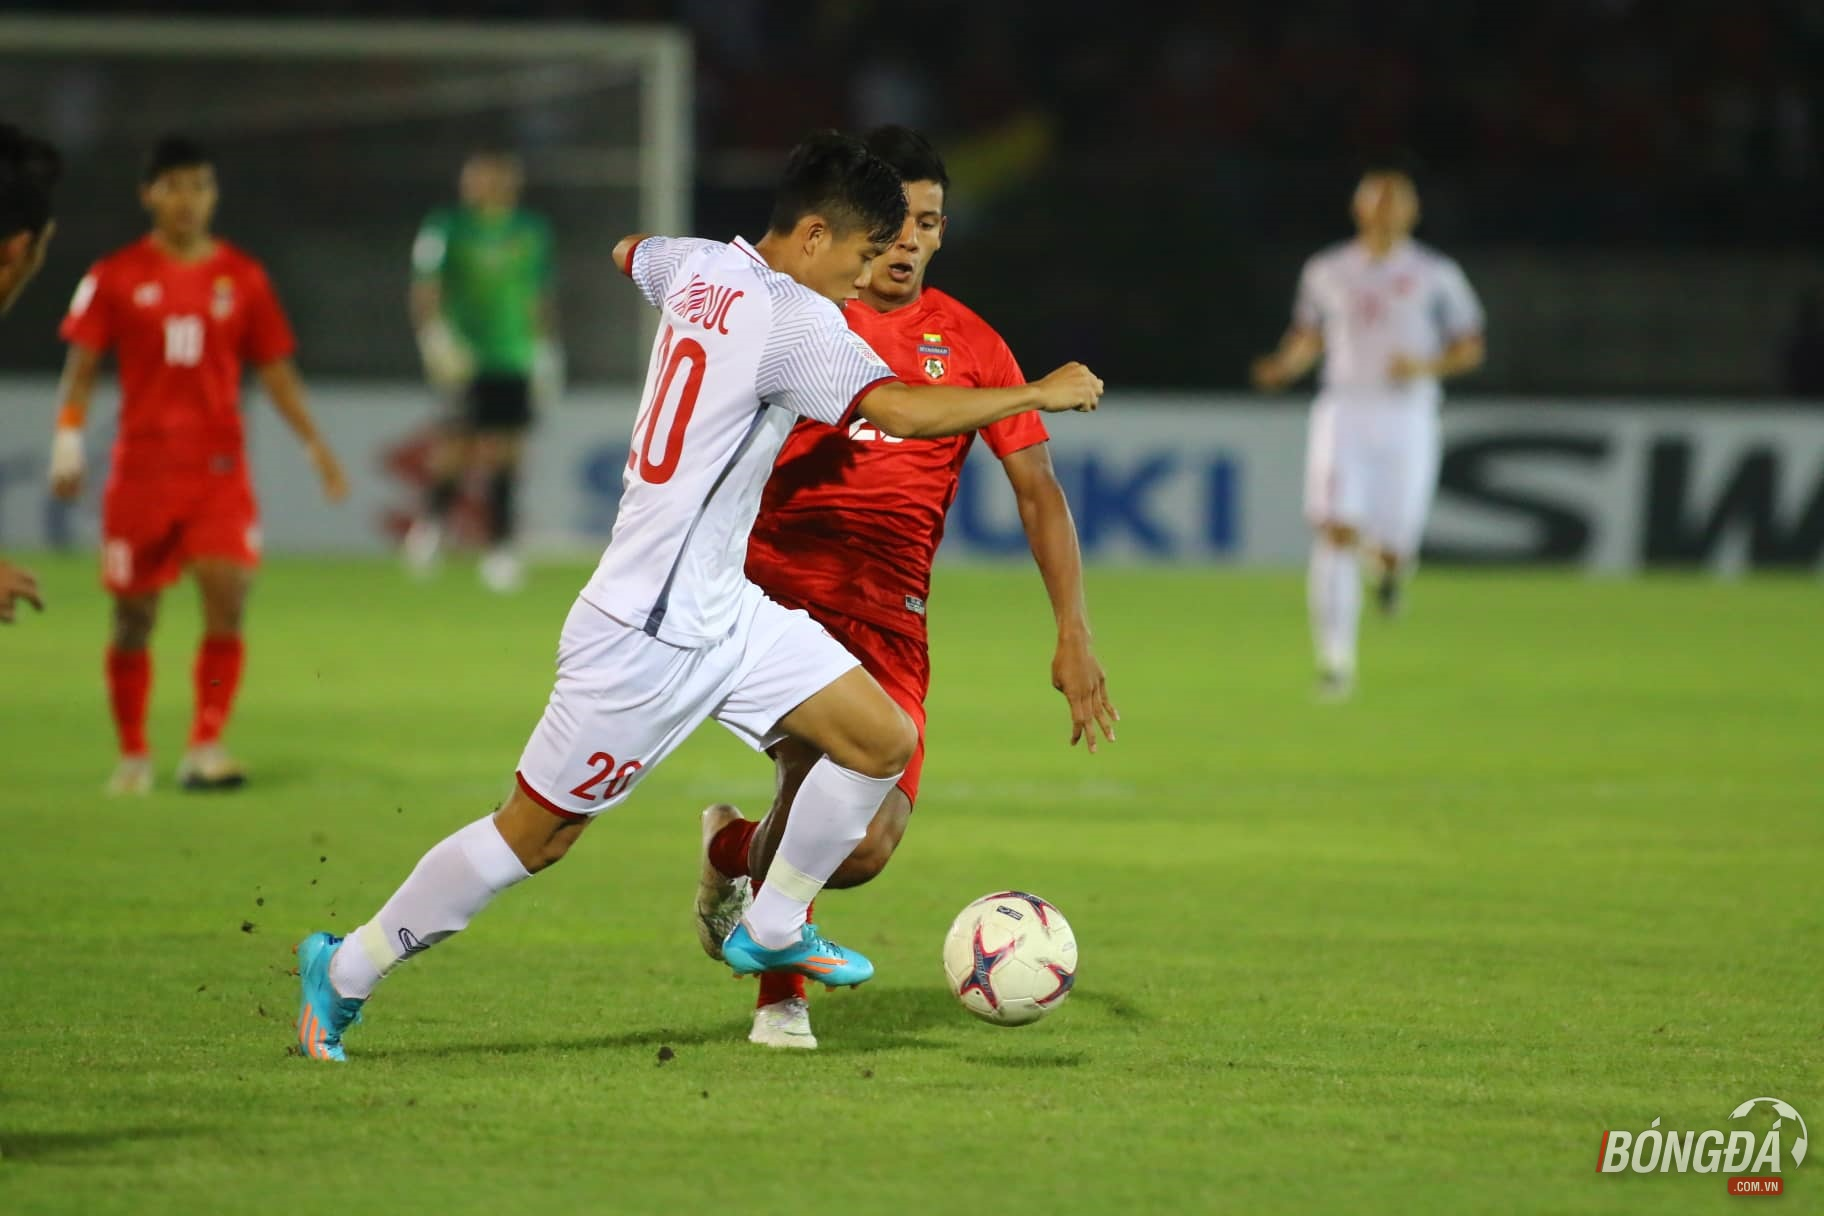 TRỰC TIẾP ĐT Myanmar 0-0 ĐT Việt Nam: Việt Nam dần lấy lại thế trận - Bóng Đá